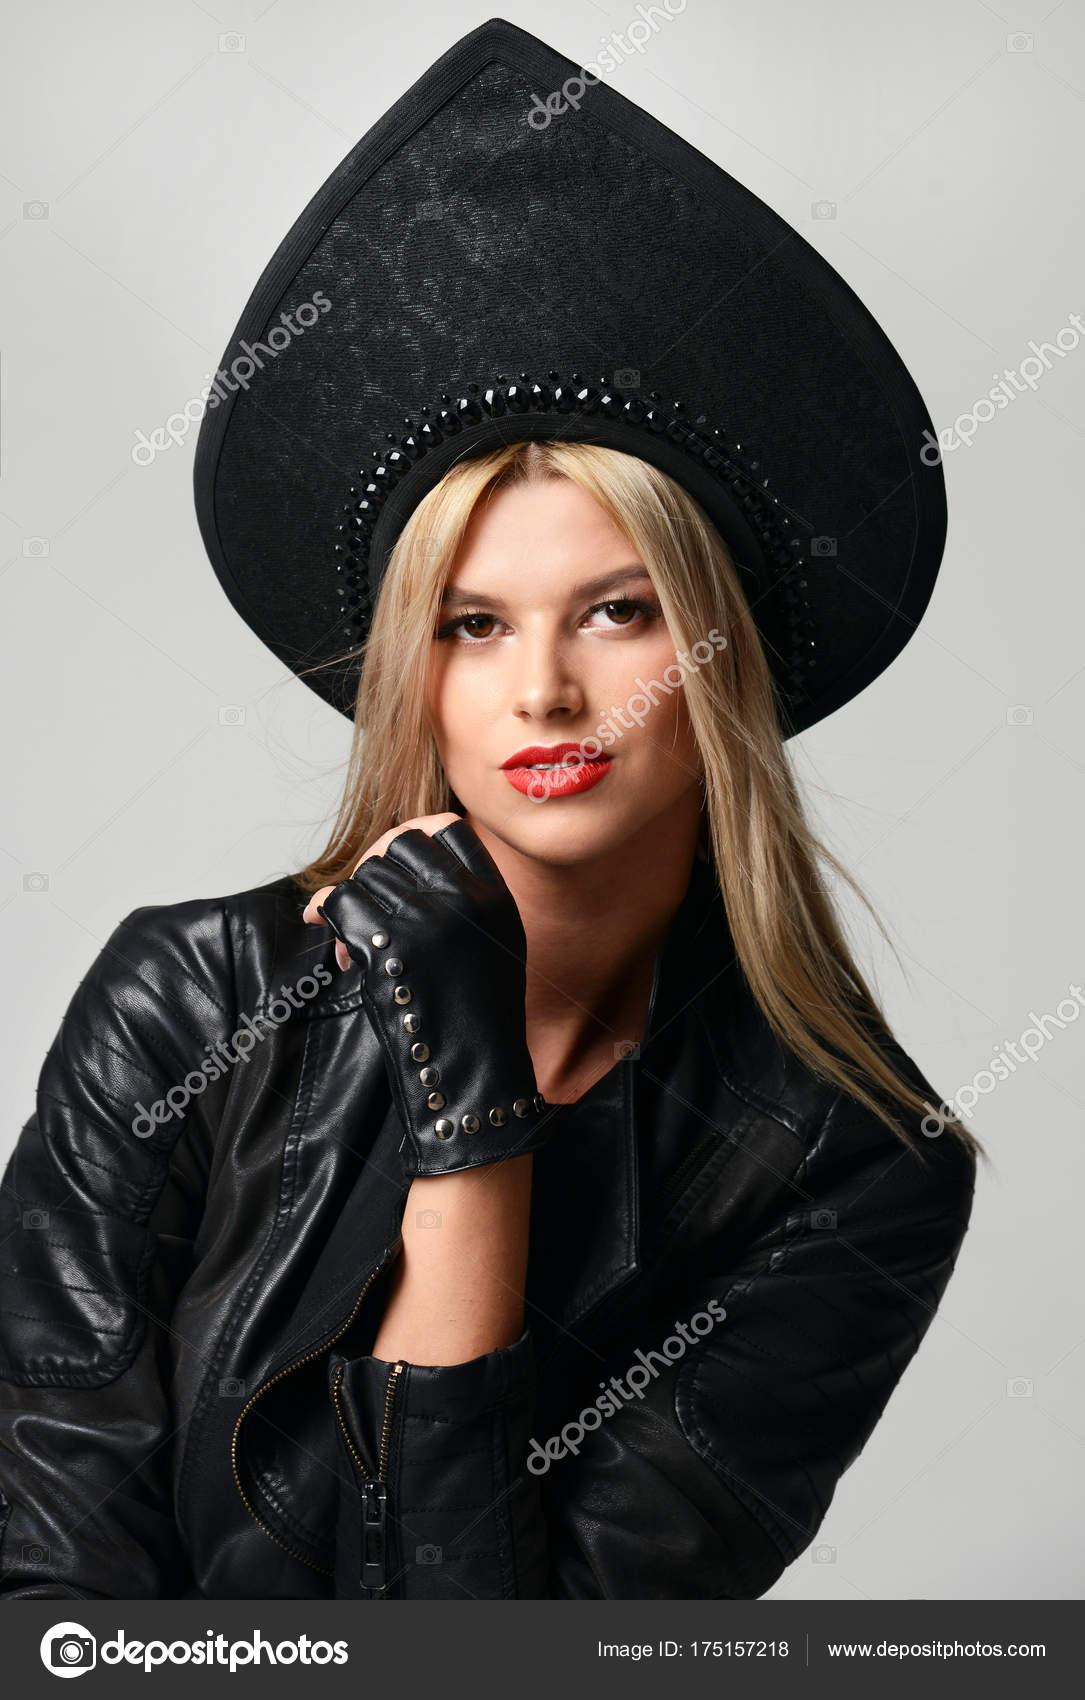 4ffe50706ae9 Πορτρέτο του αίγλη υψηλή μόδα όμορφη ξανθιά μαλλιά ρωσικό στυλ γυναίκα στη  σύγχρονη καπέλο σε μαύρο δερμάτινα γάντια και σακάκι φόντο — Εικόνα από ...